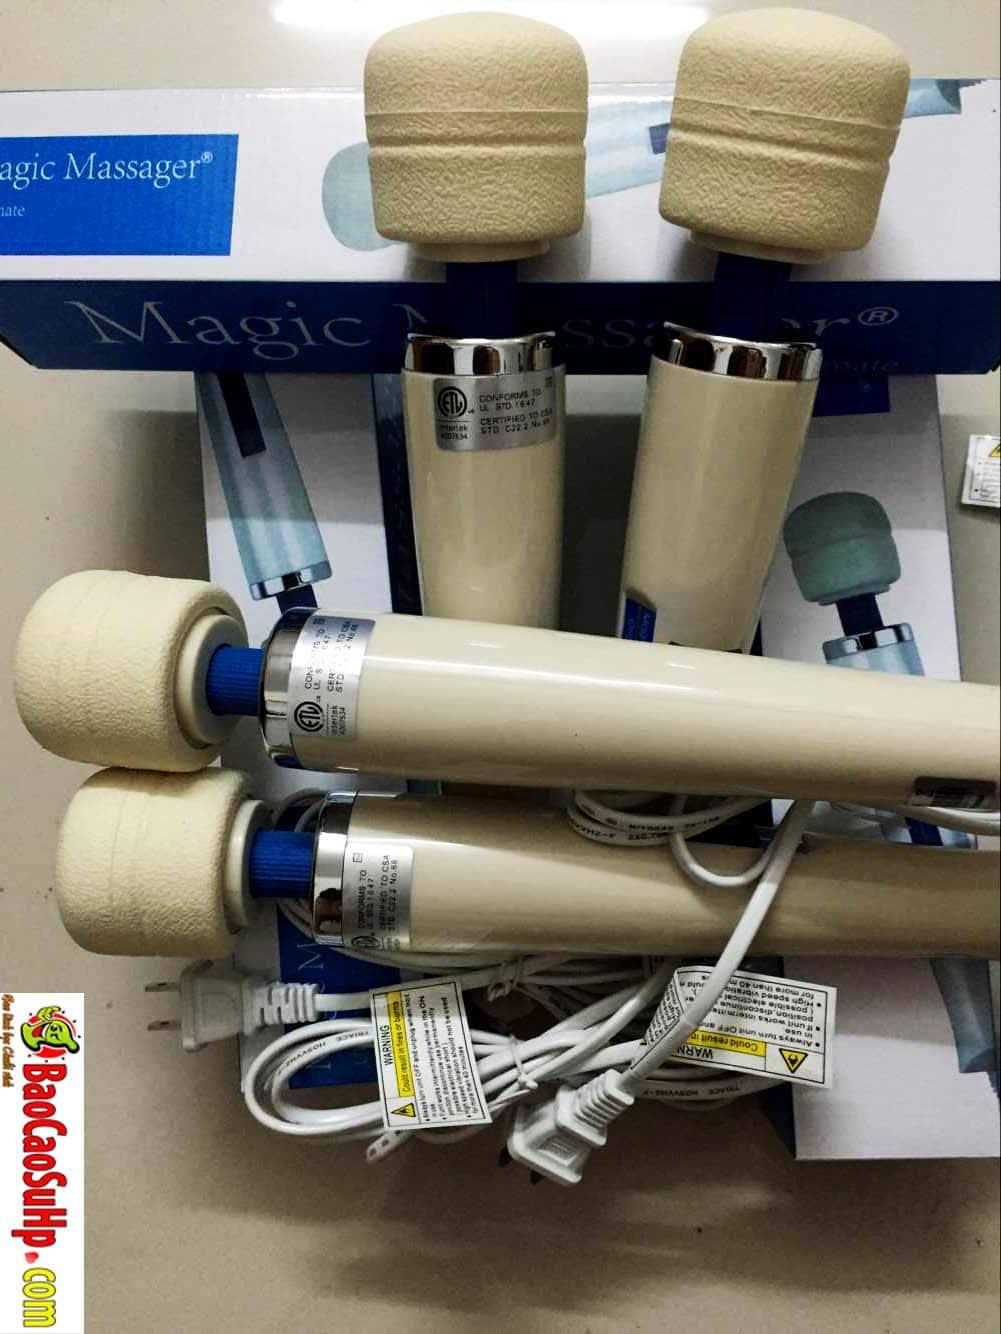 20191118102303 1932313 chay rung hitachi magic wand 1 - Chày rung Hitachi Magic Wand 60 năm chất lượng